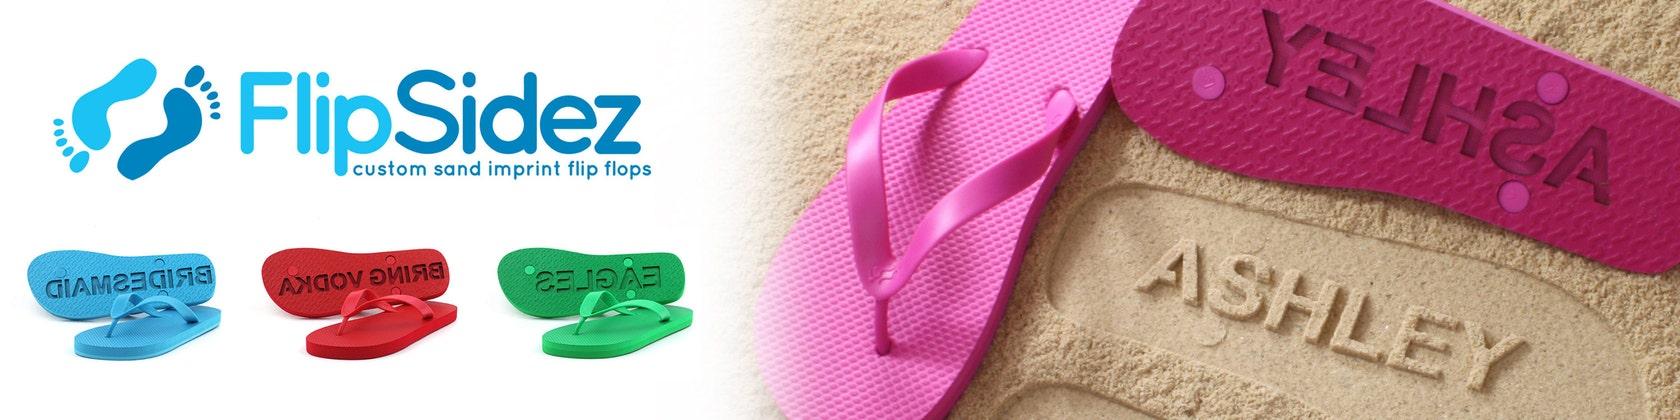 be2856be05cd Custom Sand Imprint Flip Flops by FlipSideFlipFlops on Etsy